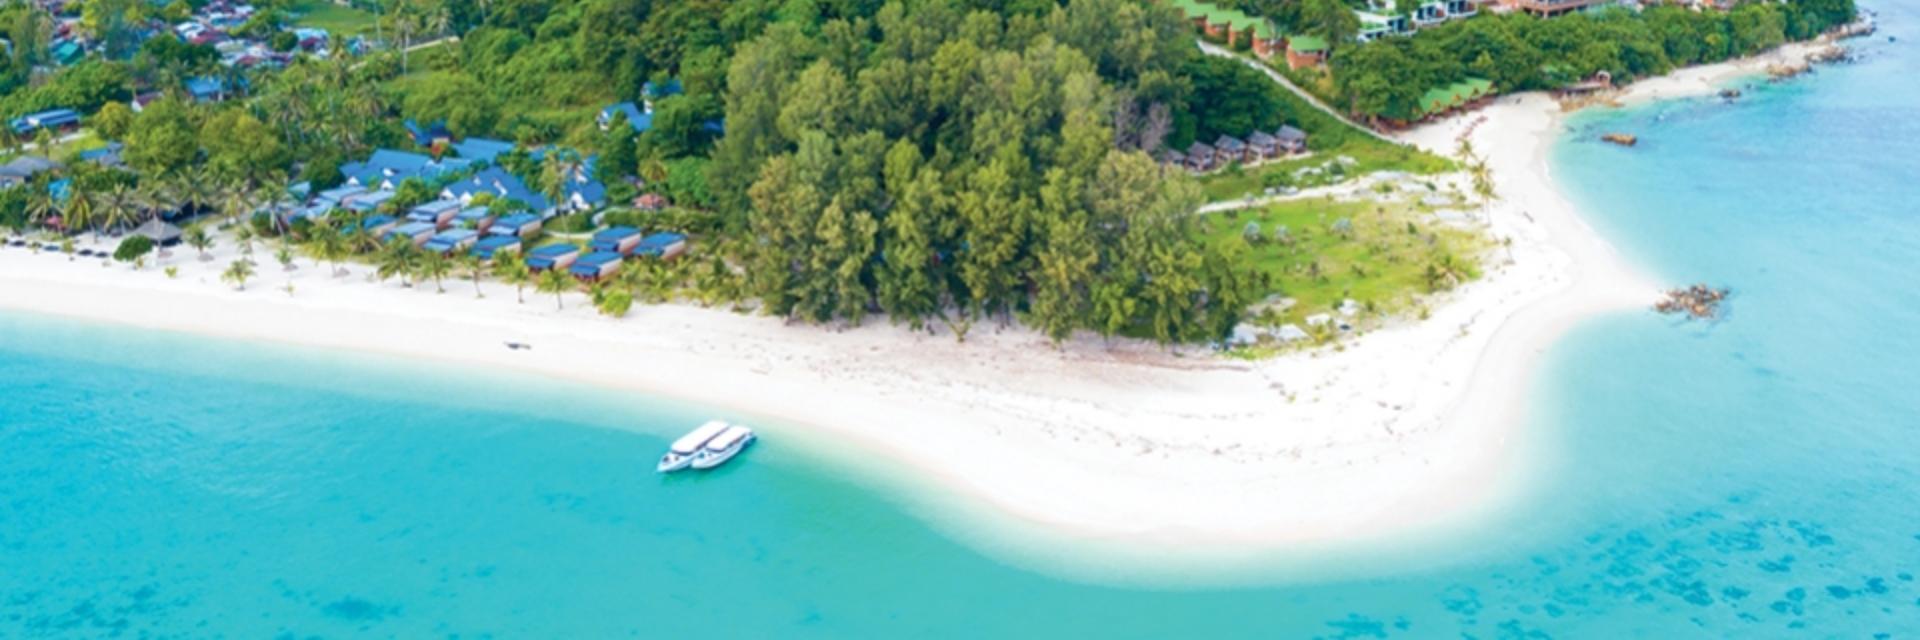 """ชมความสวยงาม """"อุทยานธรณีสตูล"""" อุทยานธรณีโลกแห่งแรกของประเทศไทย"""